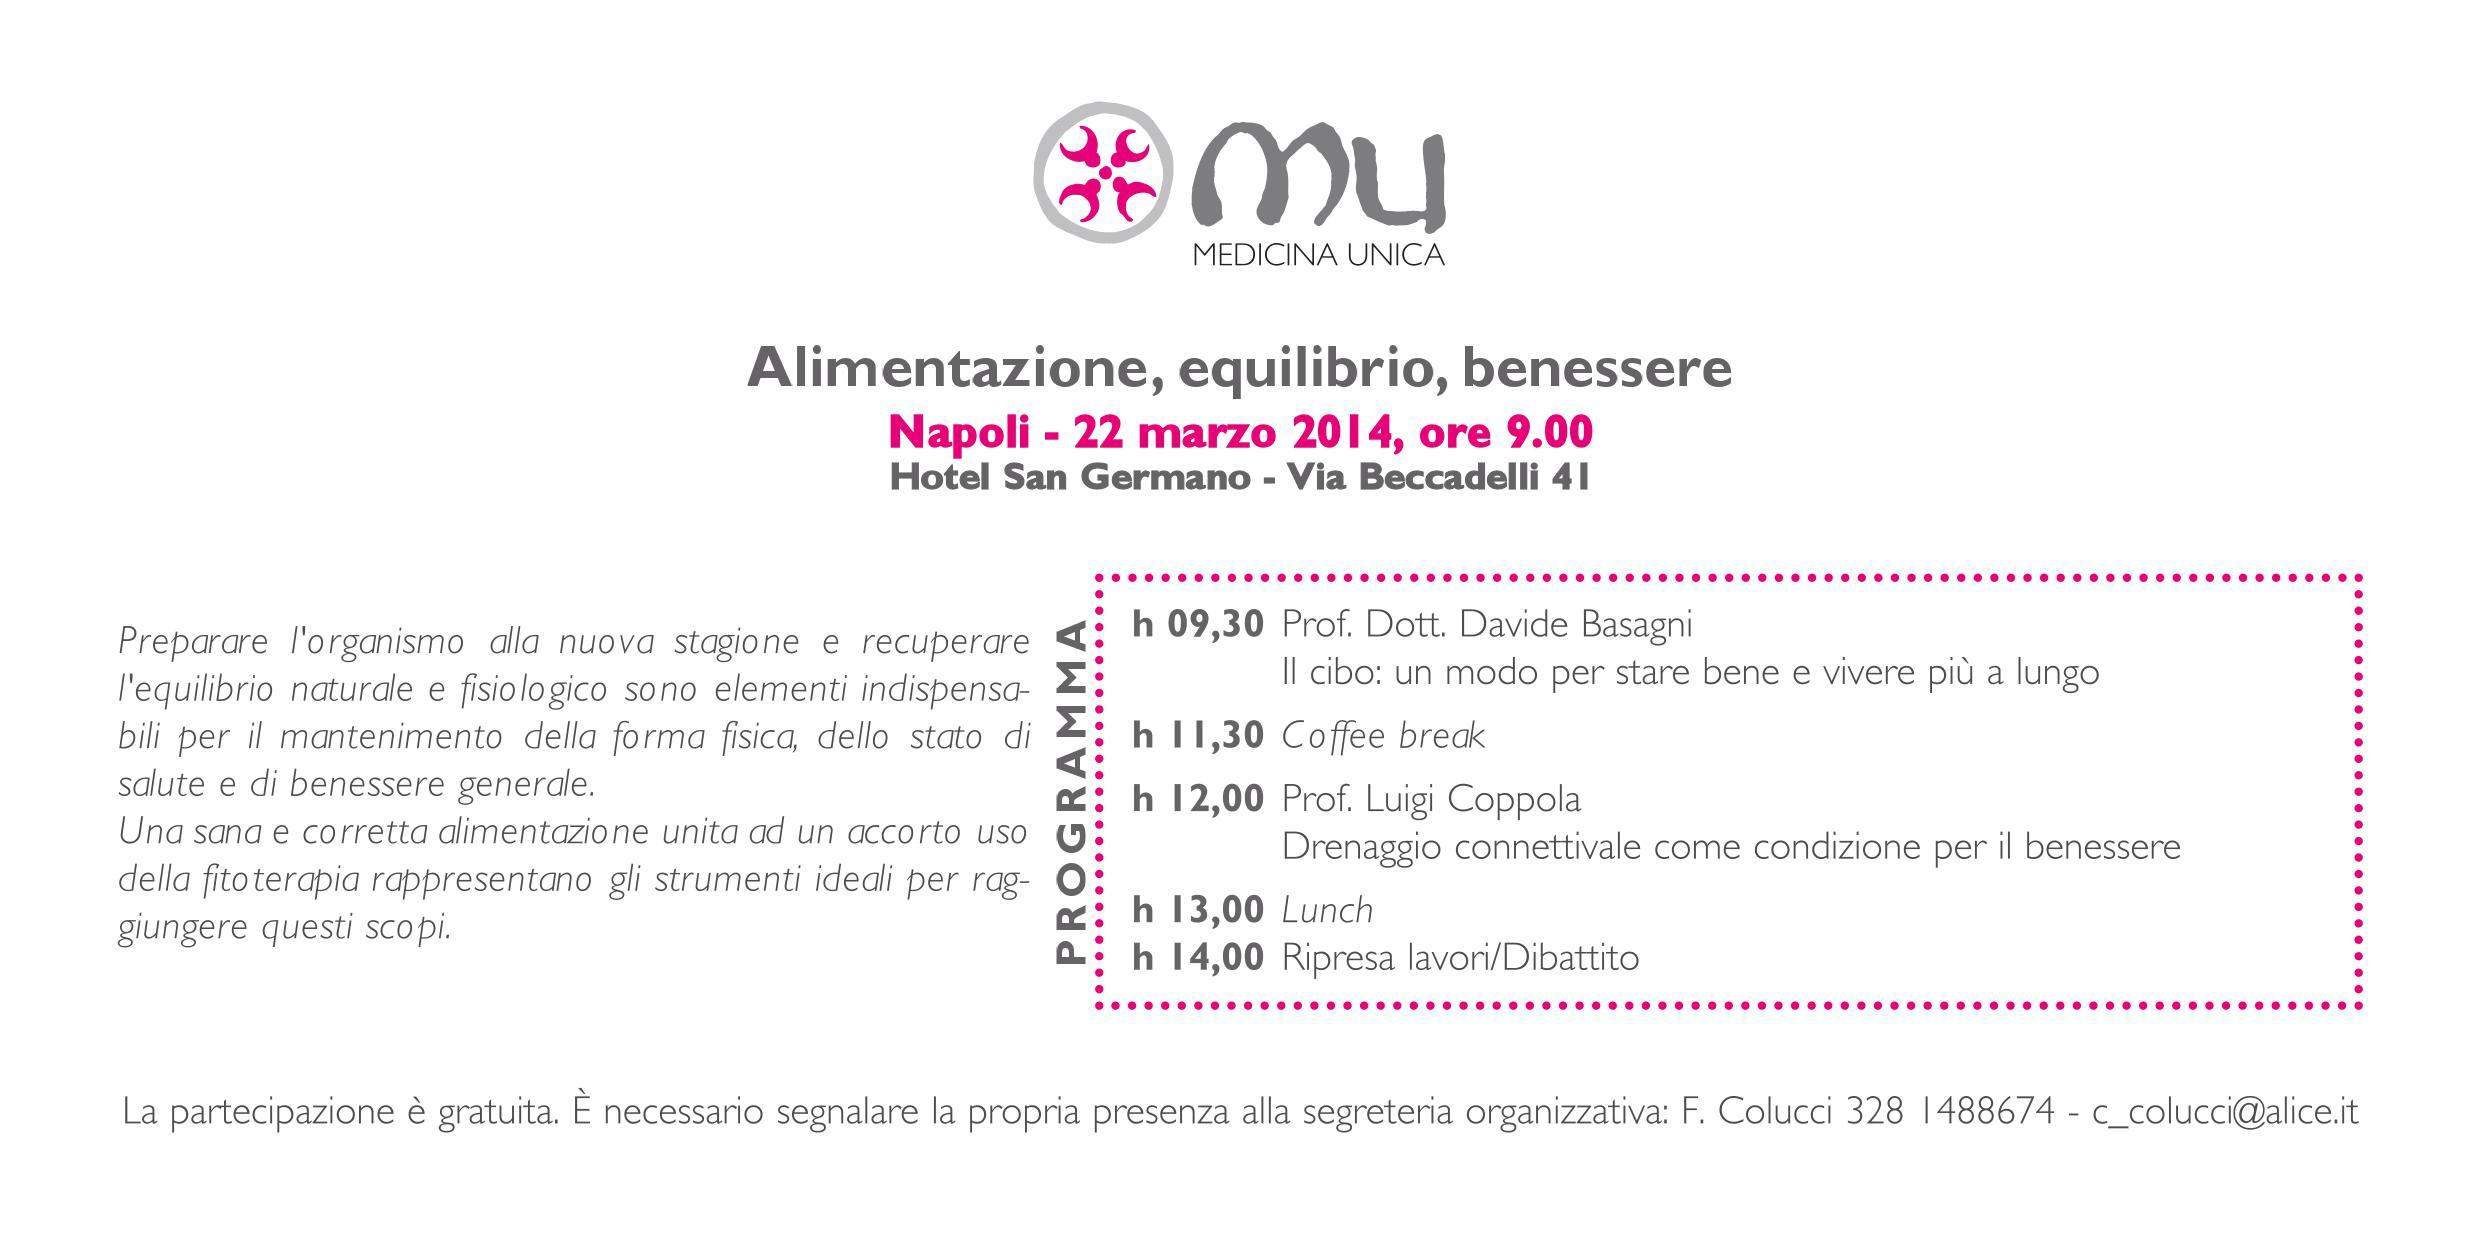 invito 22 marzo 2014 Napoli